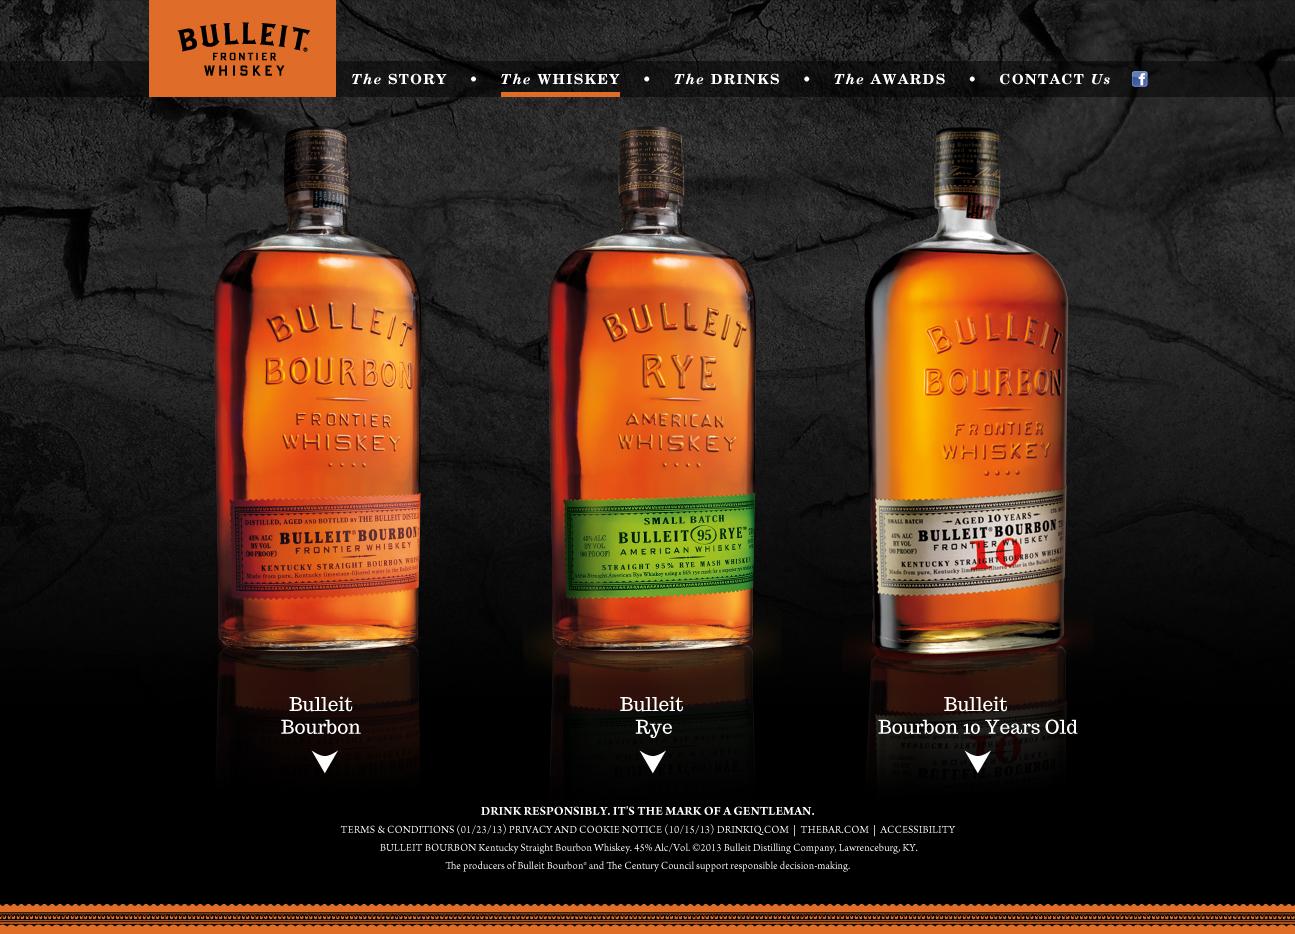 Bulleit-site_the-whiskey.jpg